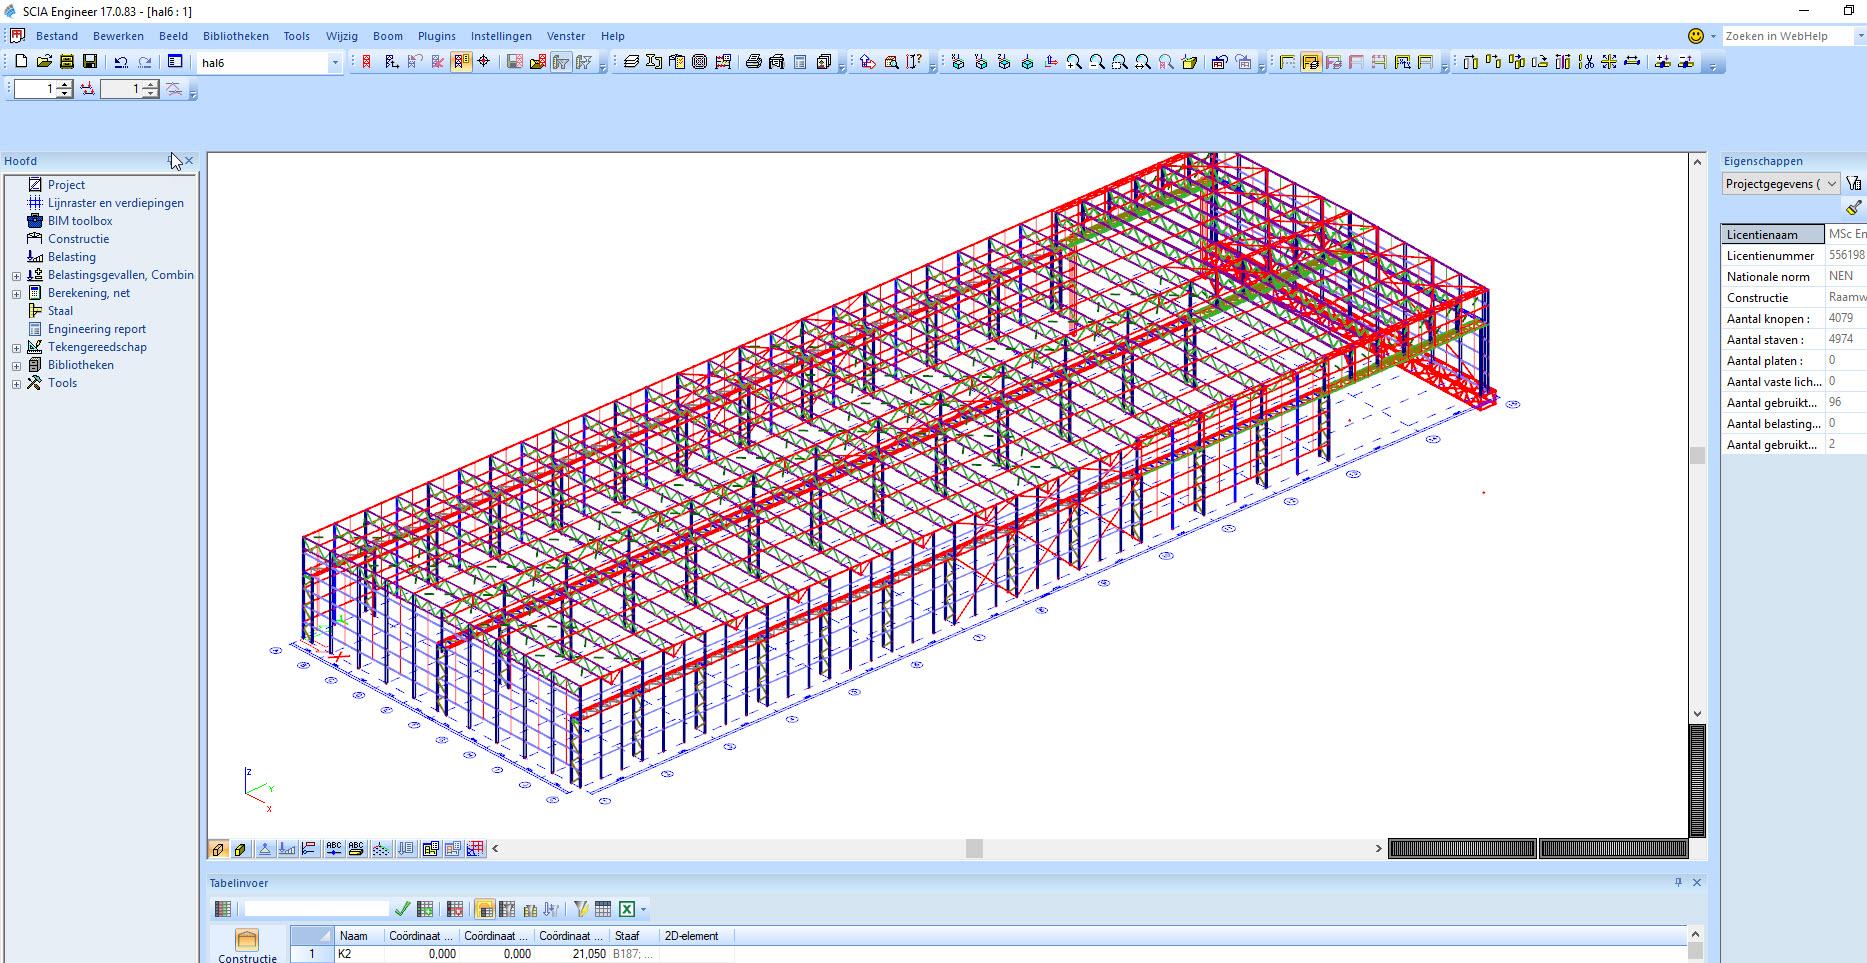 Scia engineer model exporteren naar andere rekensoftware zoals RFEM